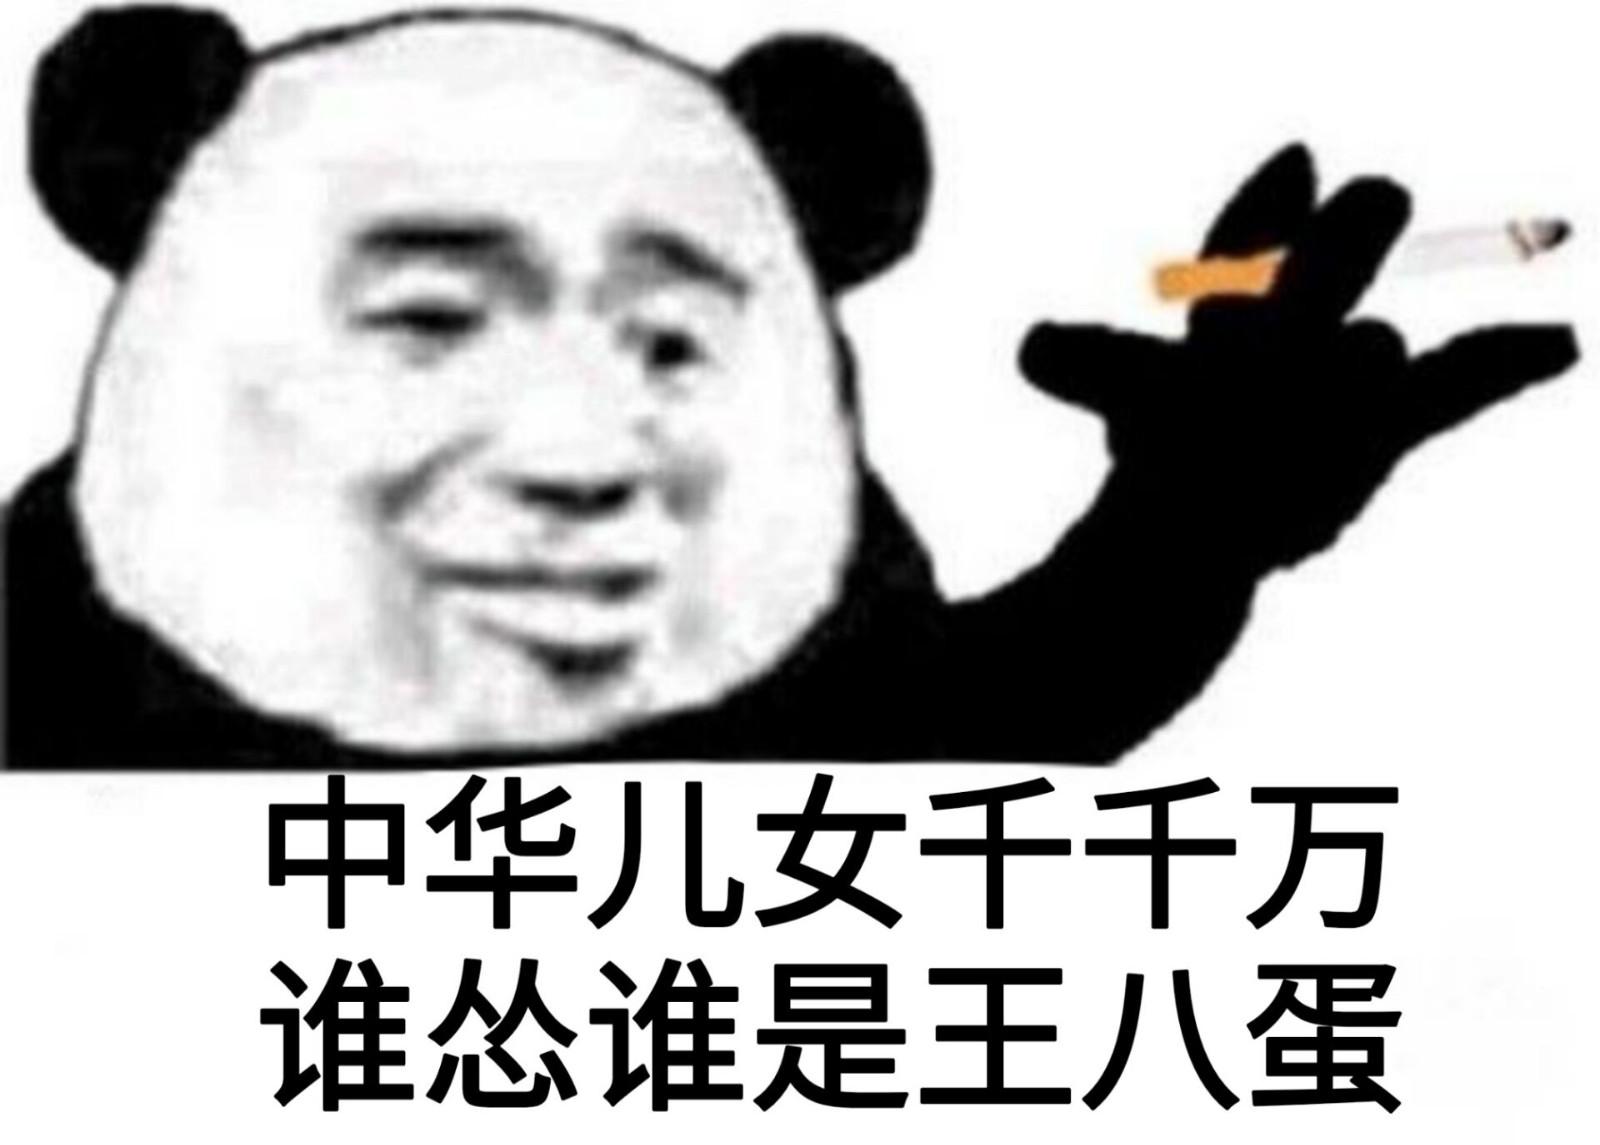 中華兒子千千萬,誰慫誰是王八蛋